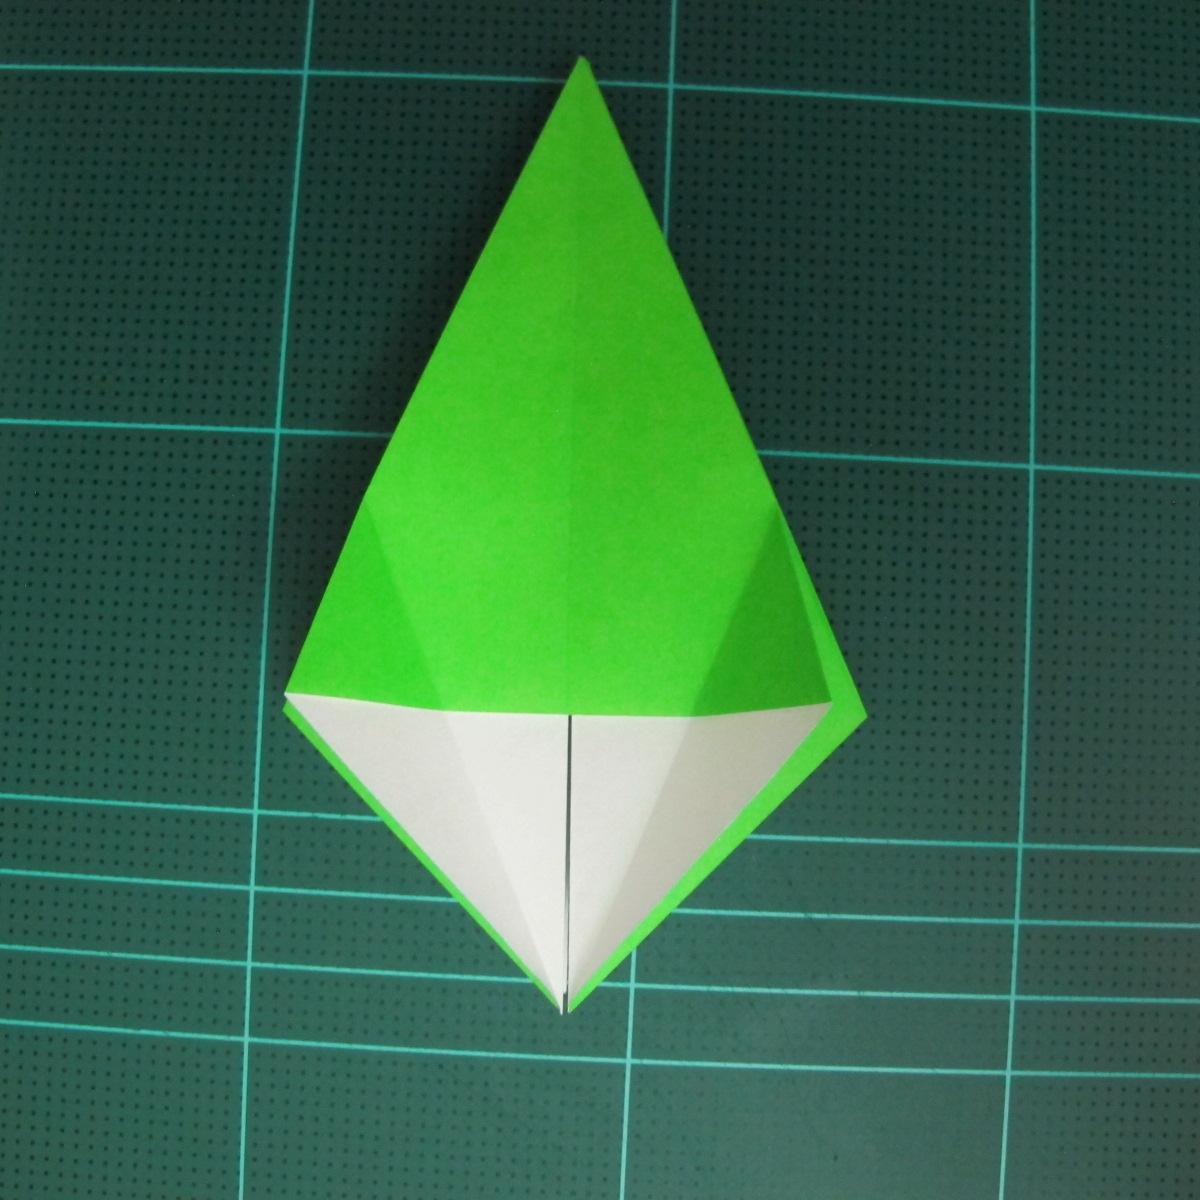 วิธีพับกระดาษเป็นจรวด X-WING สตาร์วอร์ (Origami X-WING) 015